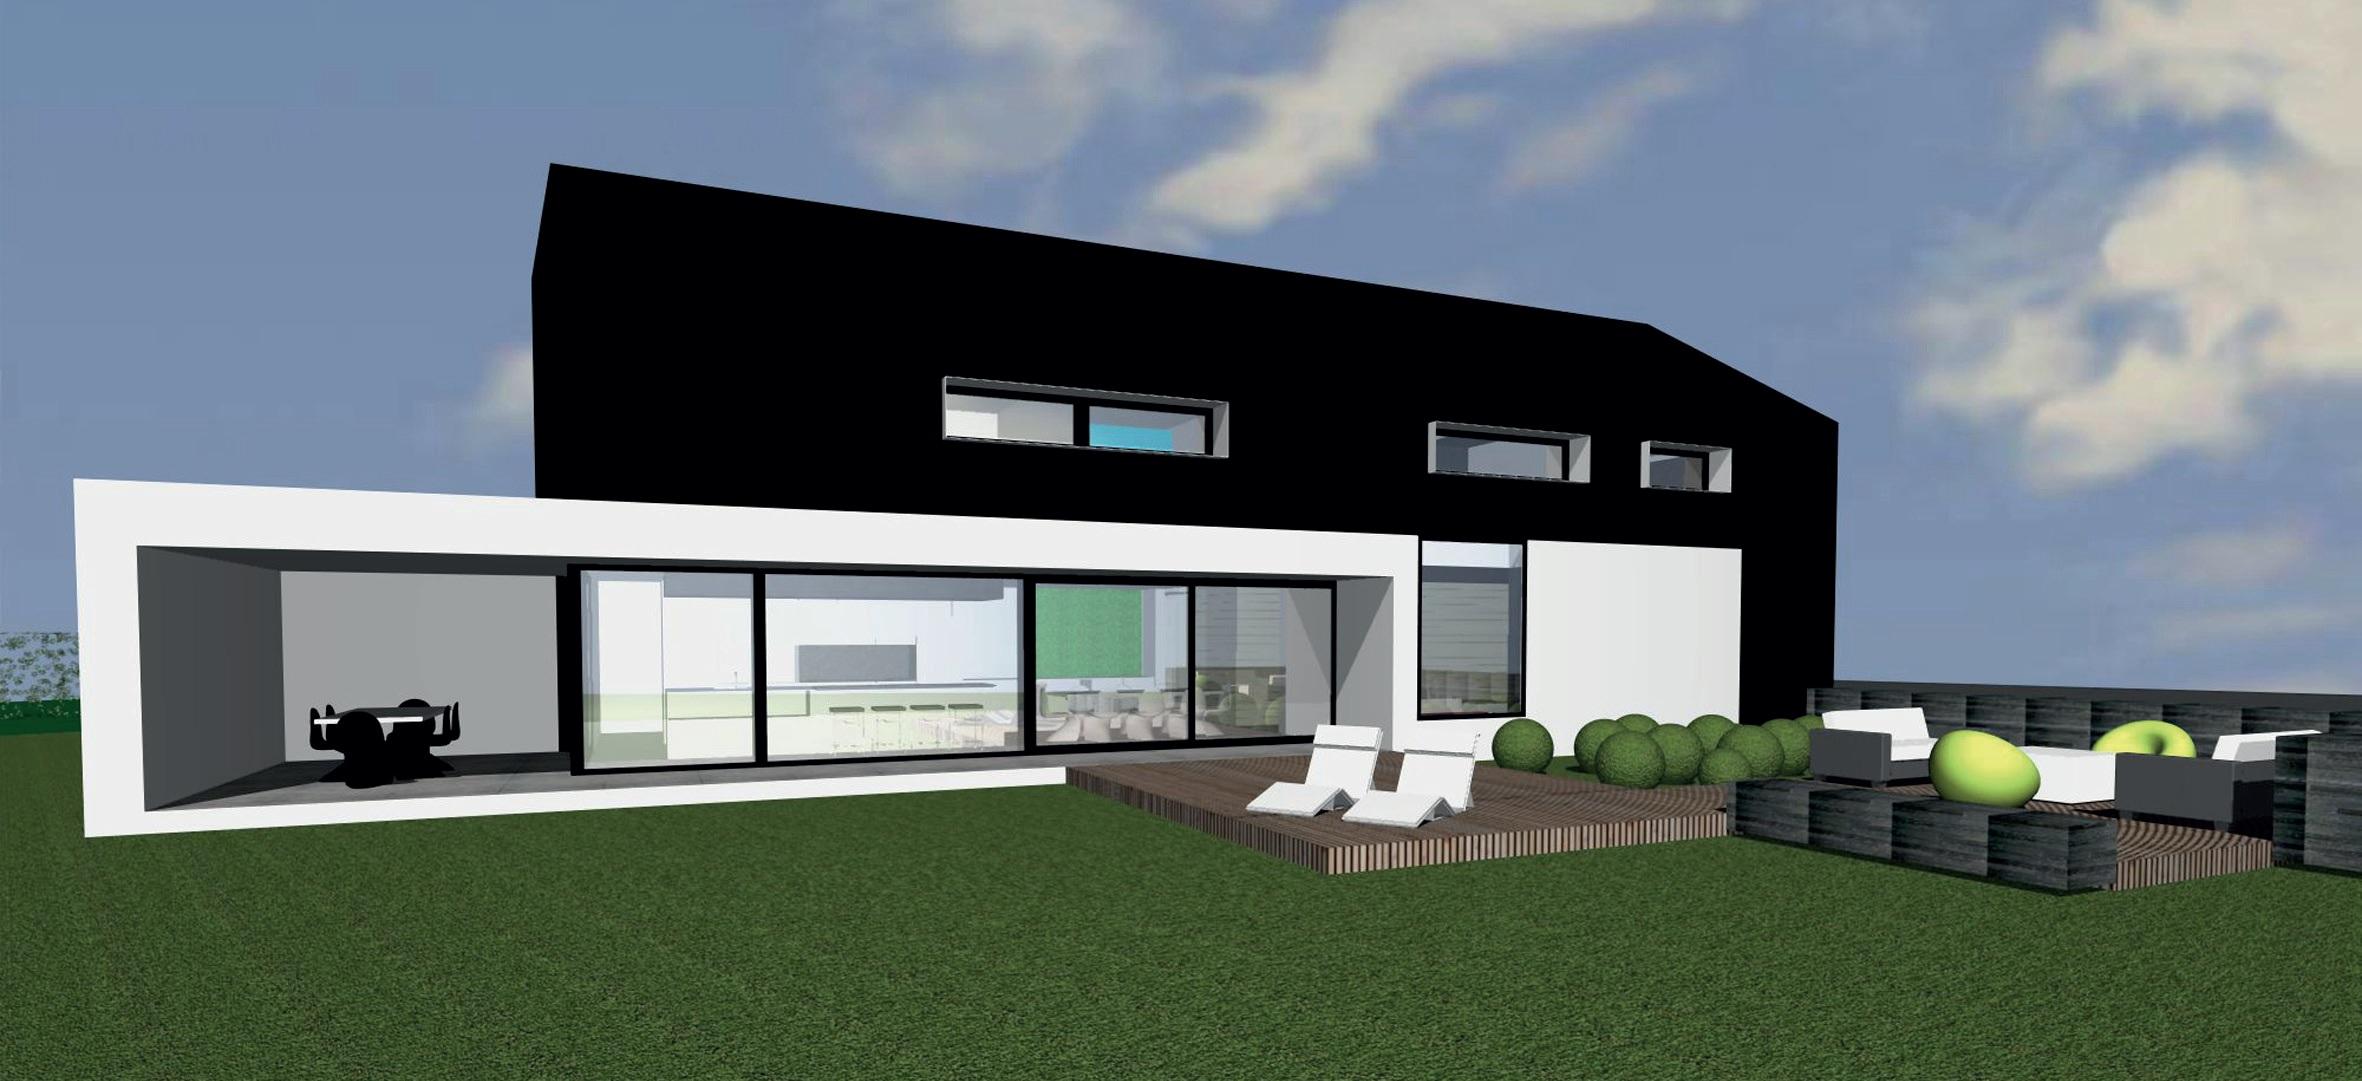 Maison 4 fa ades un volume homog ne bien int gr masser for Facade maison architecte